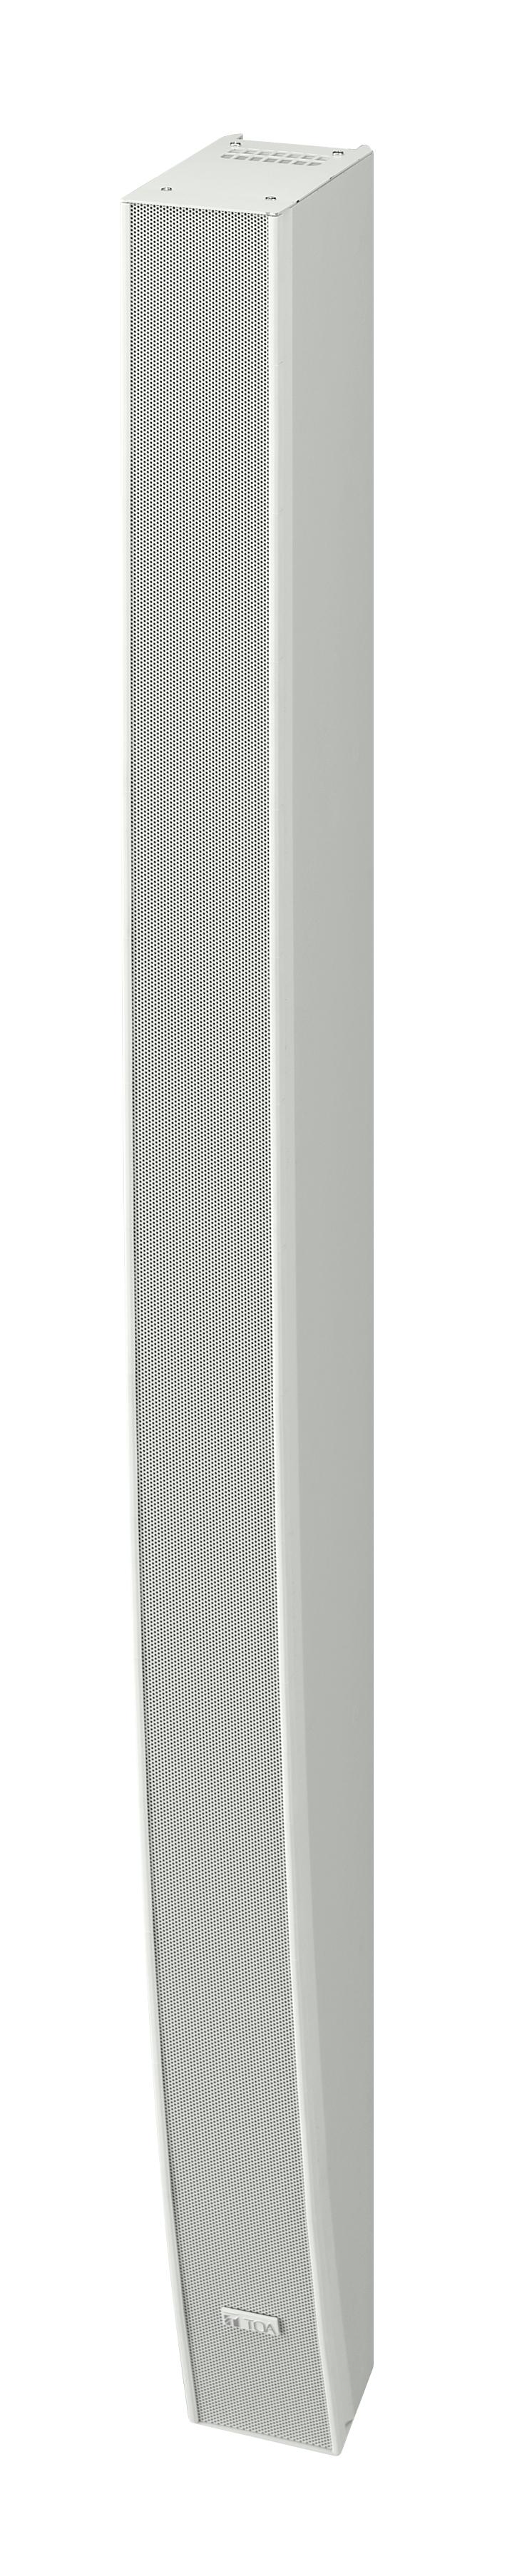 TOA SR-H3S Long Line Array Speaker (Curved)